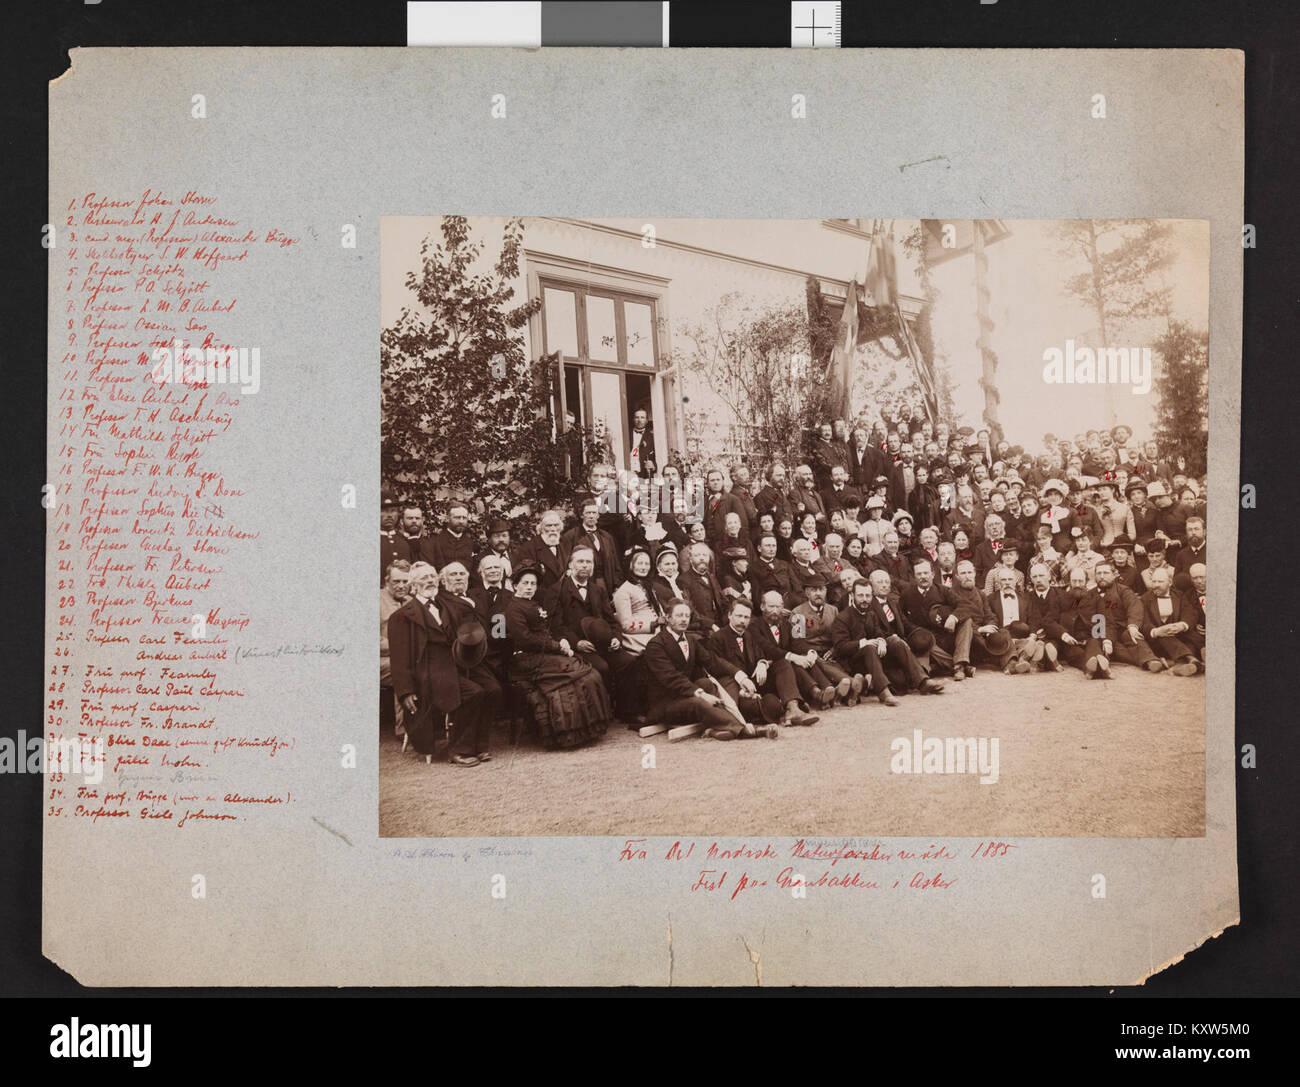 Fra Det Nordiske 1885 Naturforskermøde. Fest paa Granbakken j'Asker - pas-nb digifoto bldsa 2016031500527 Photo Stock